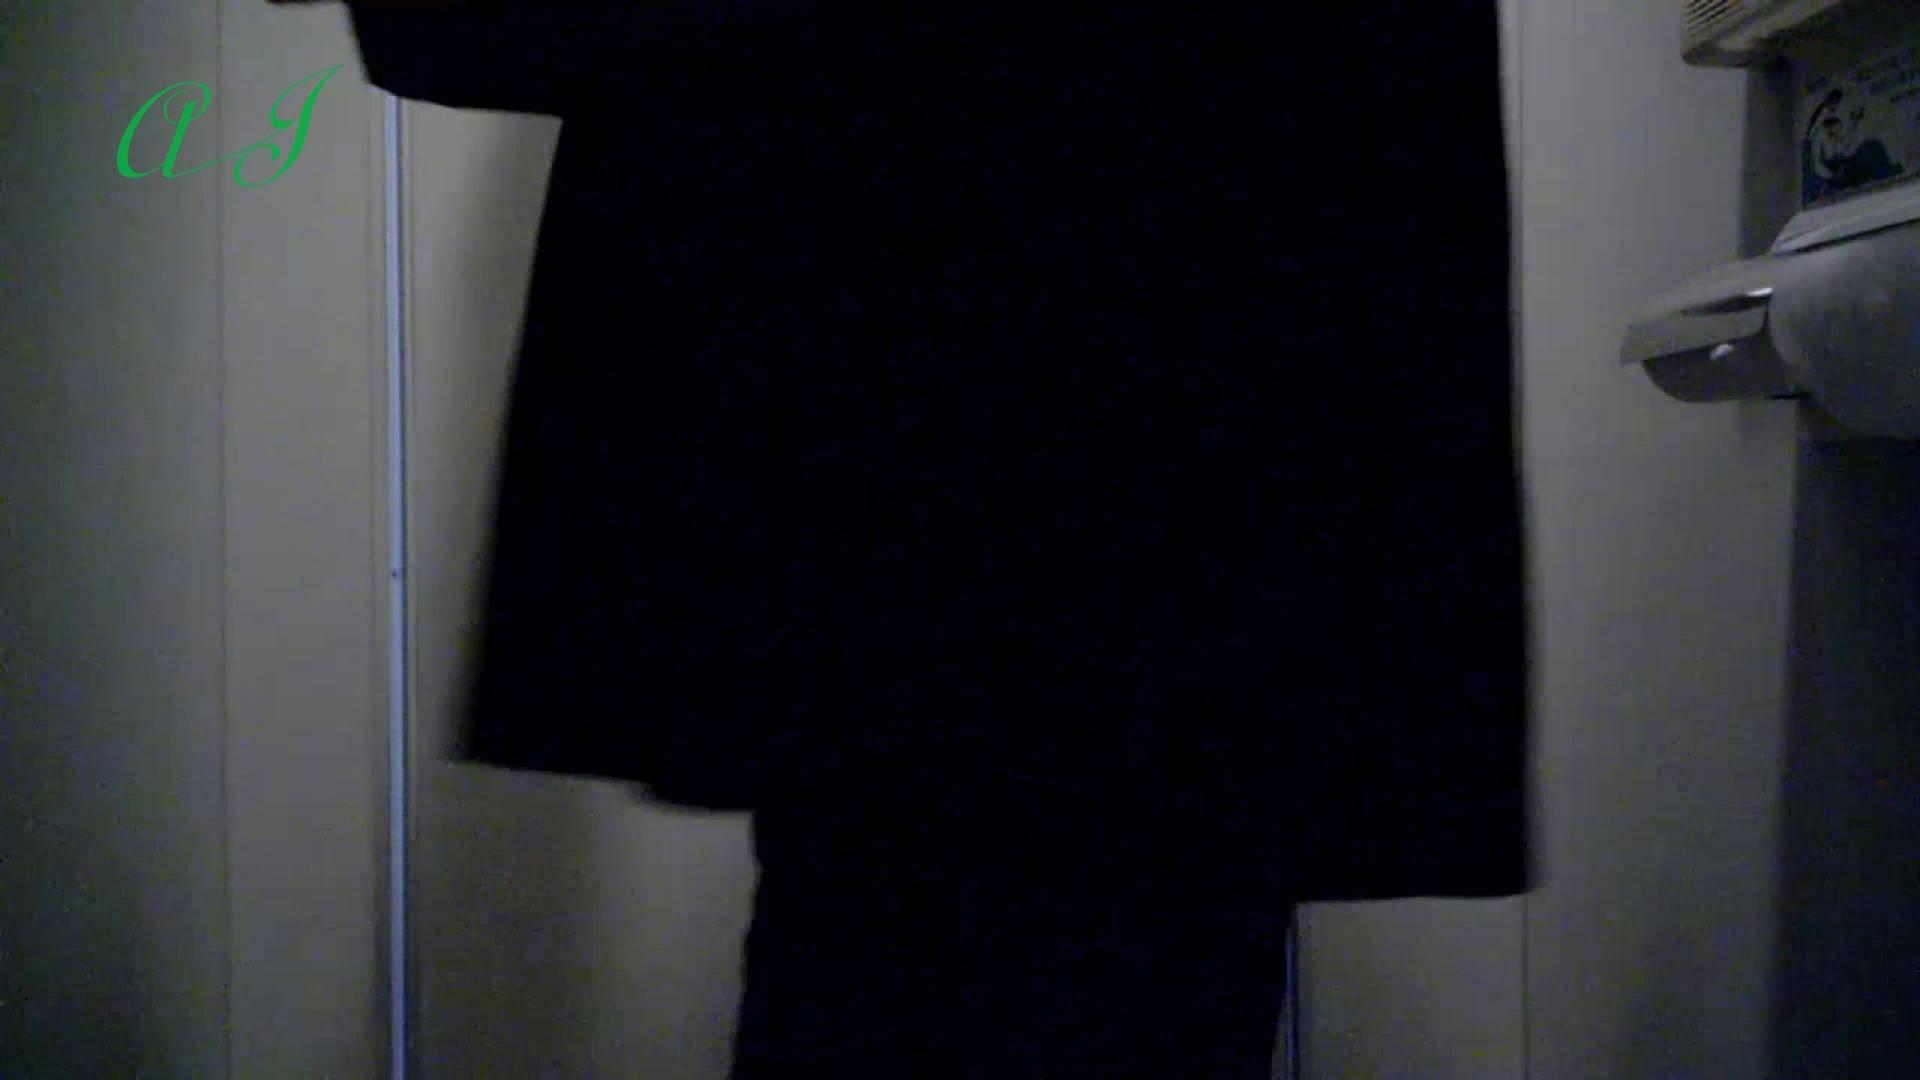 有名大学女性洗面所 vol.59 新アングル追加!相変わらずの美女率!! エッチなOL オマンコ無修正動画無料 92枚 2